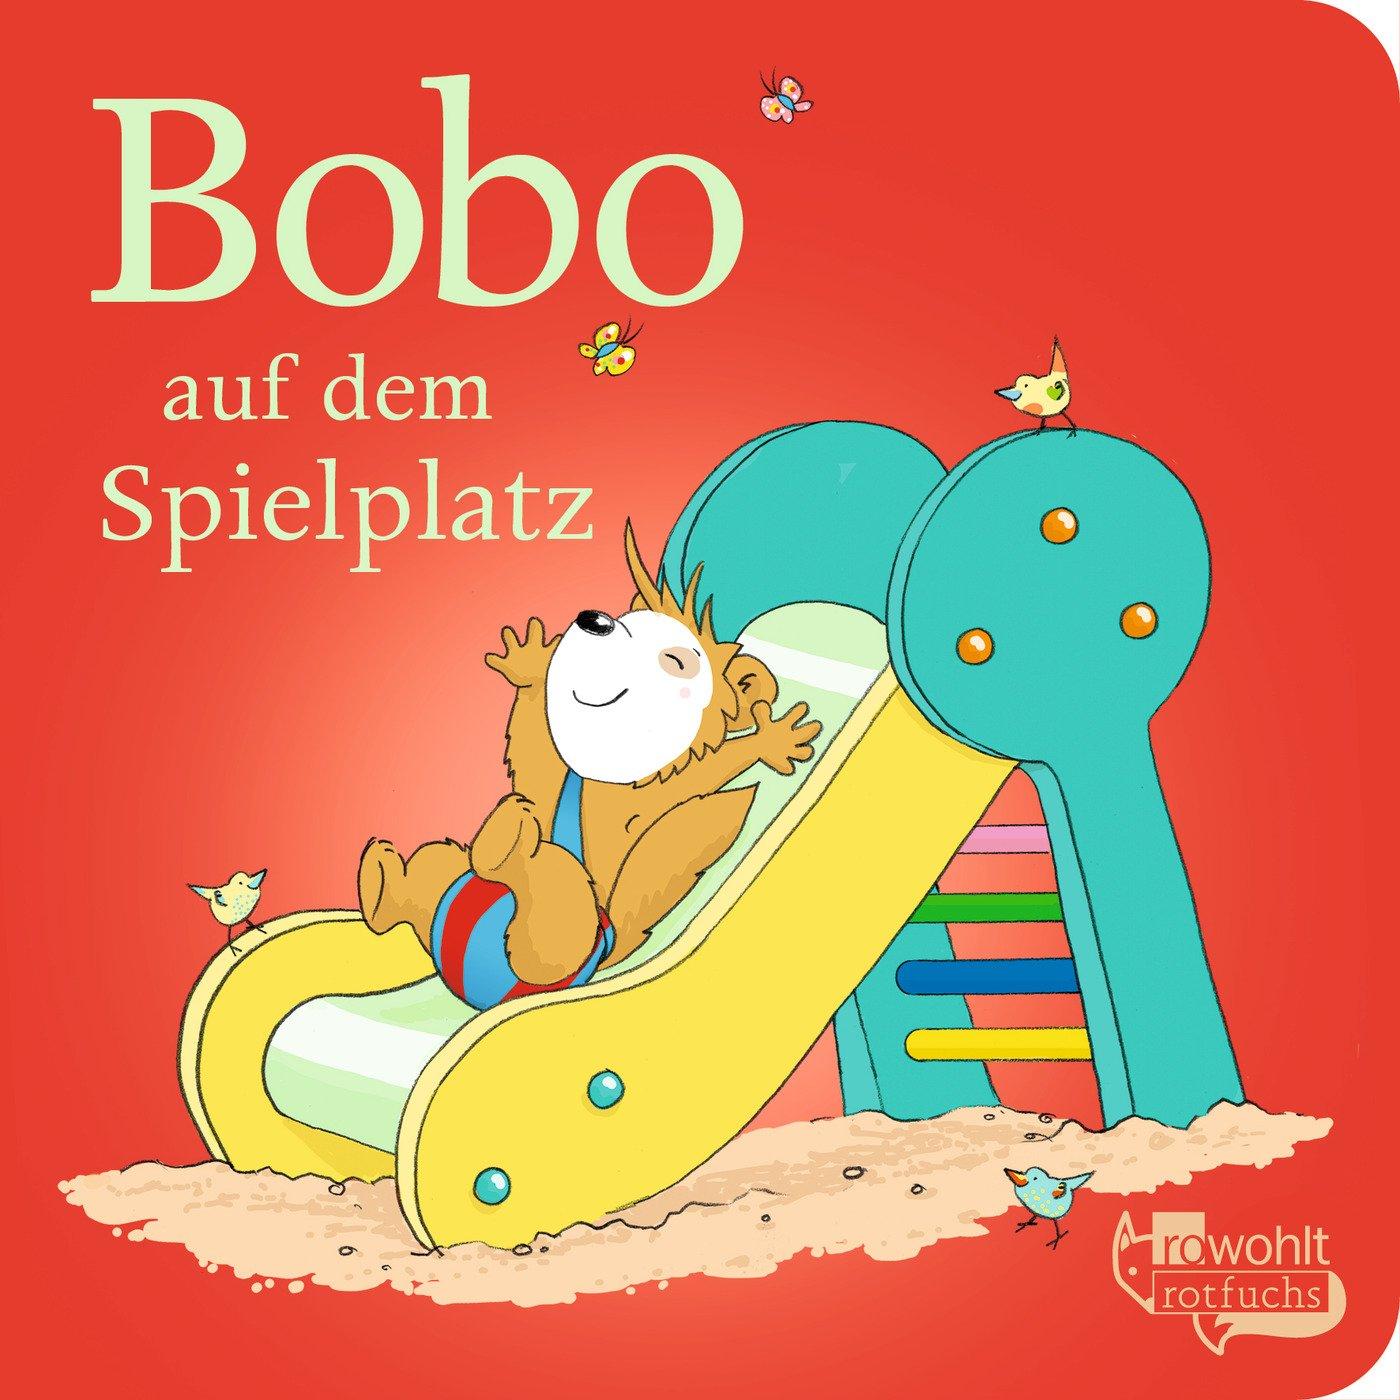 Bobo auf dem Spielplatz Pappbilderbuch – 25. September 2018 Markus Osterwalder Dorothée Böhlke Rowohlt Taschenbuch 3499218364